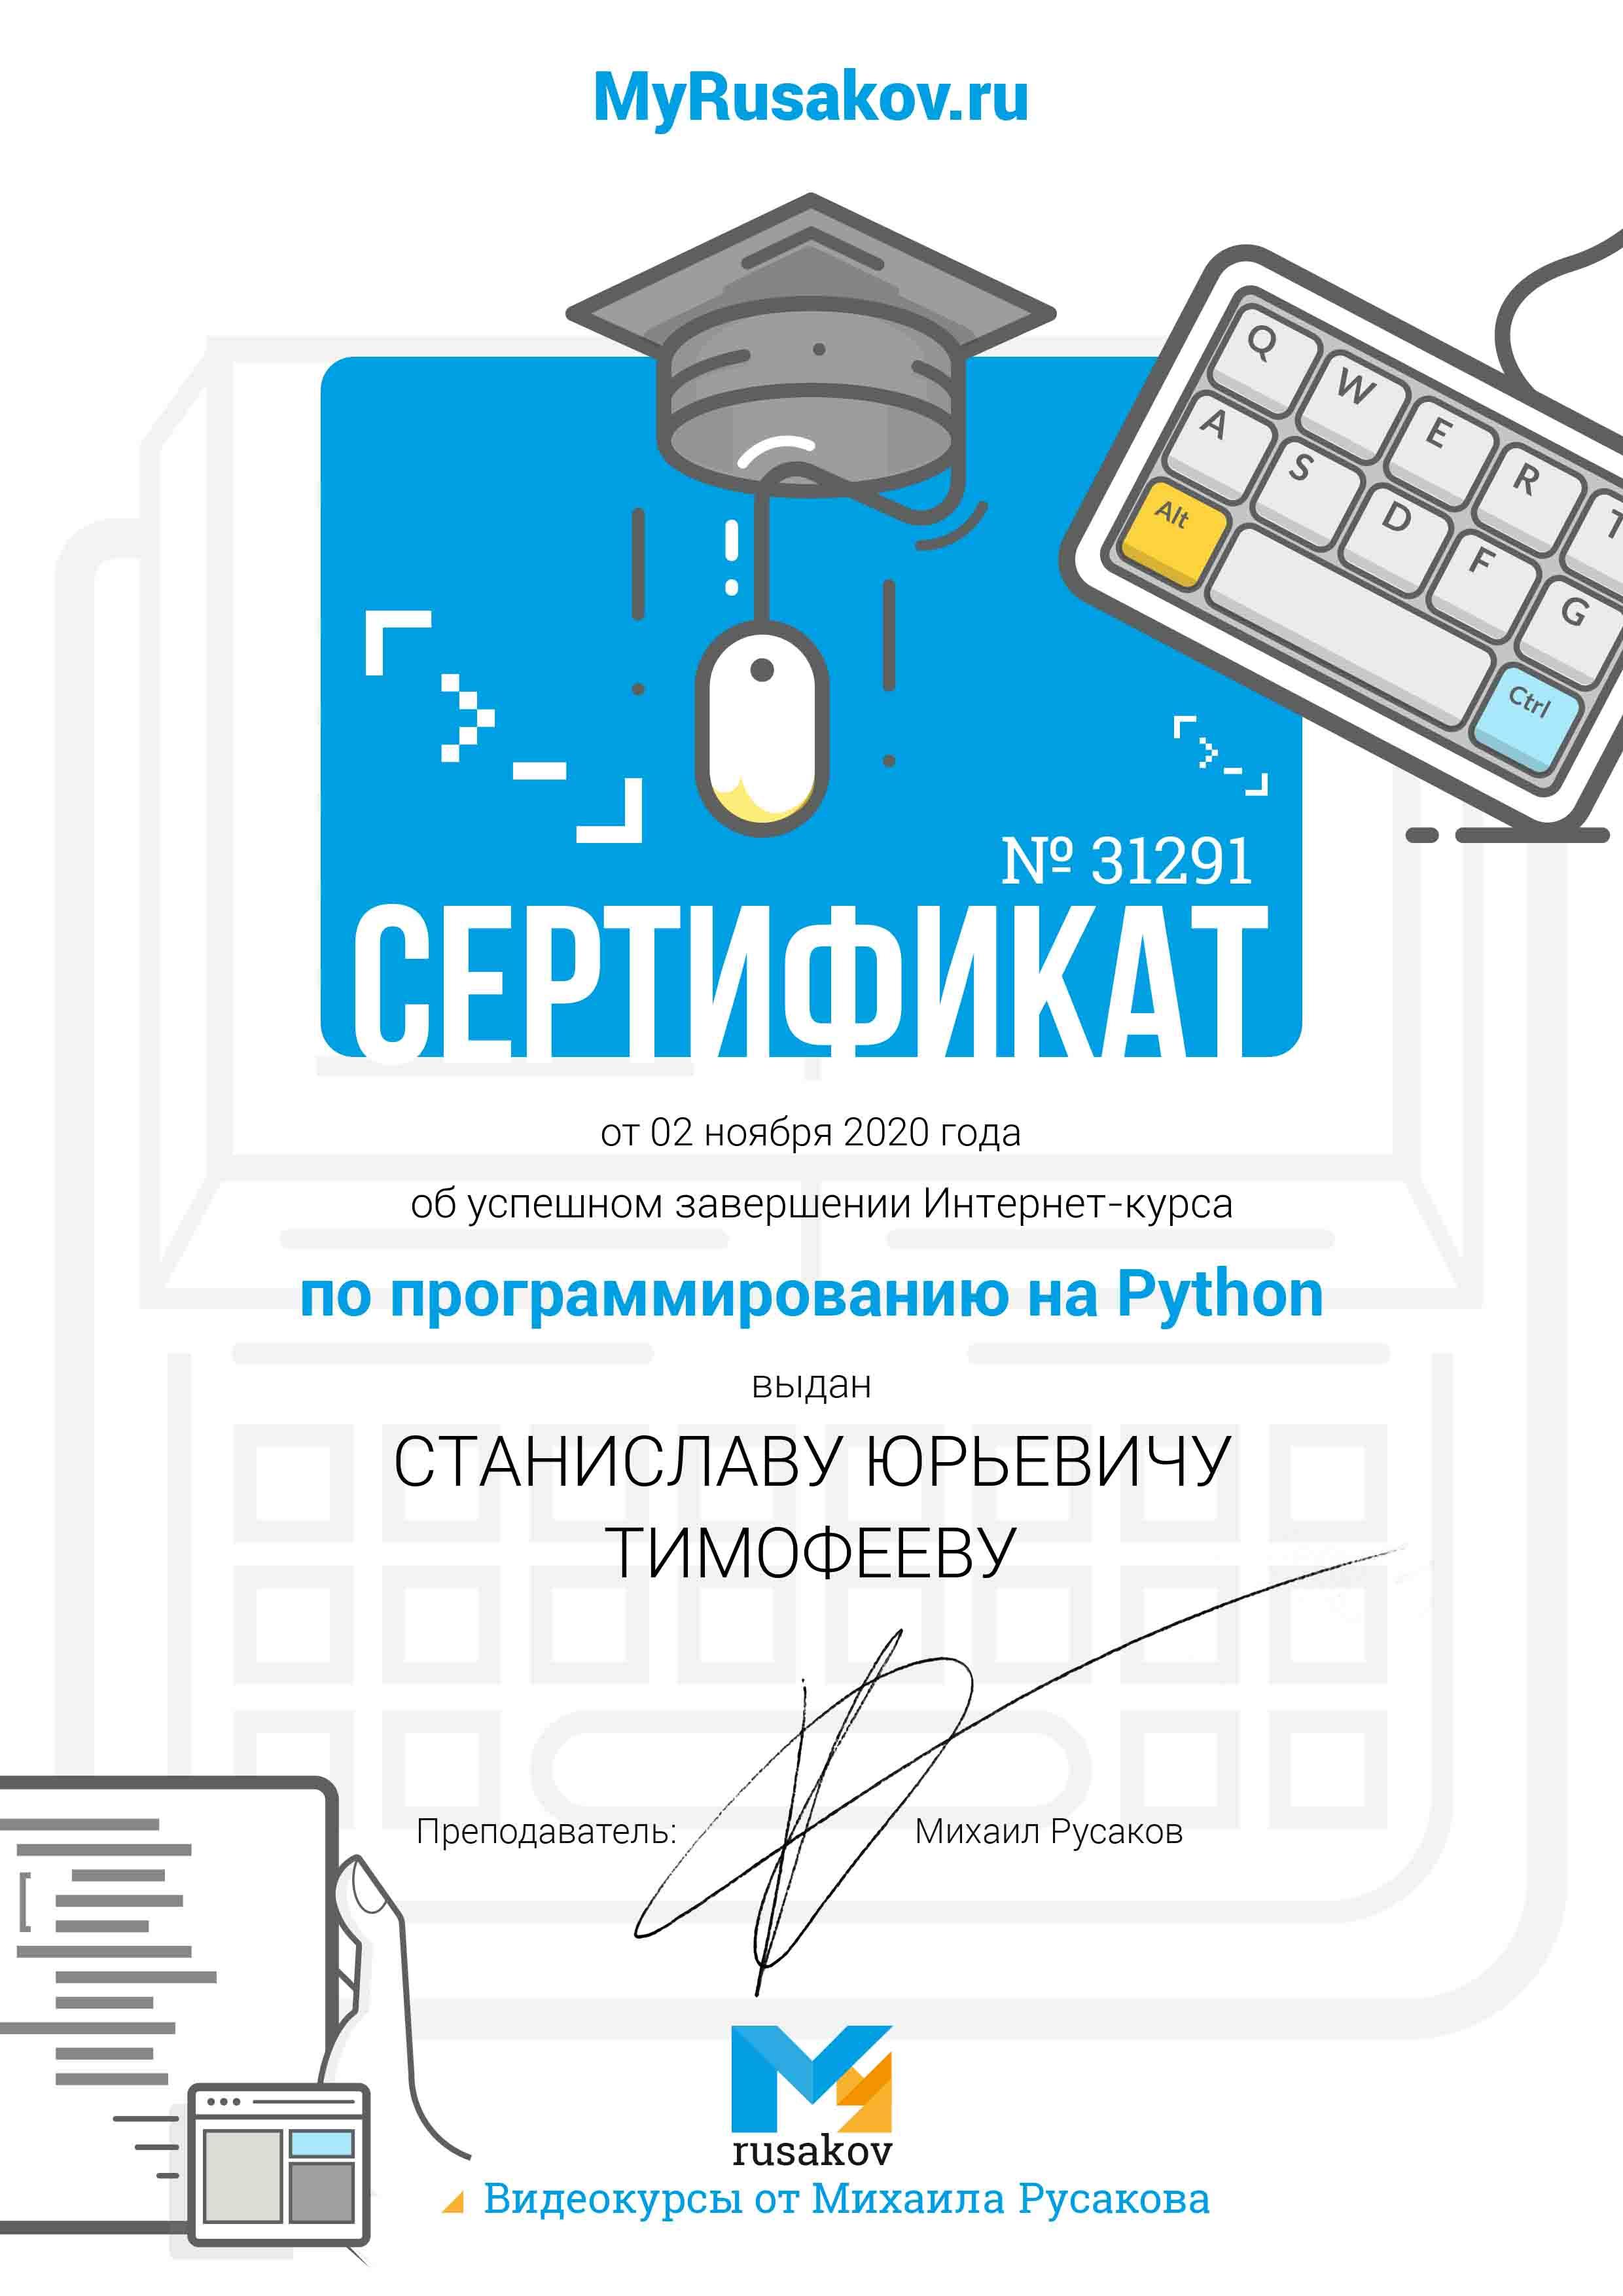 сертификат по Python